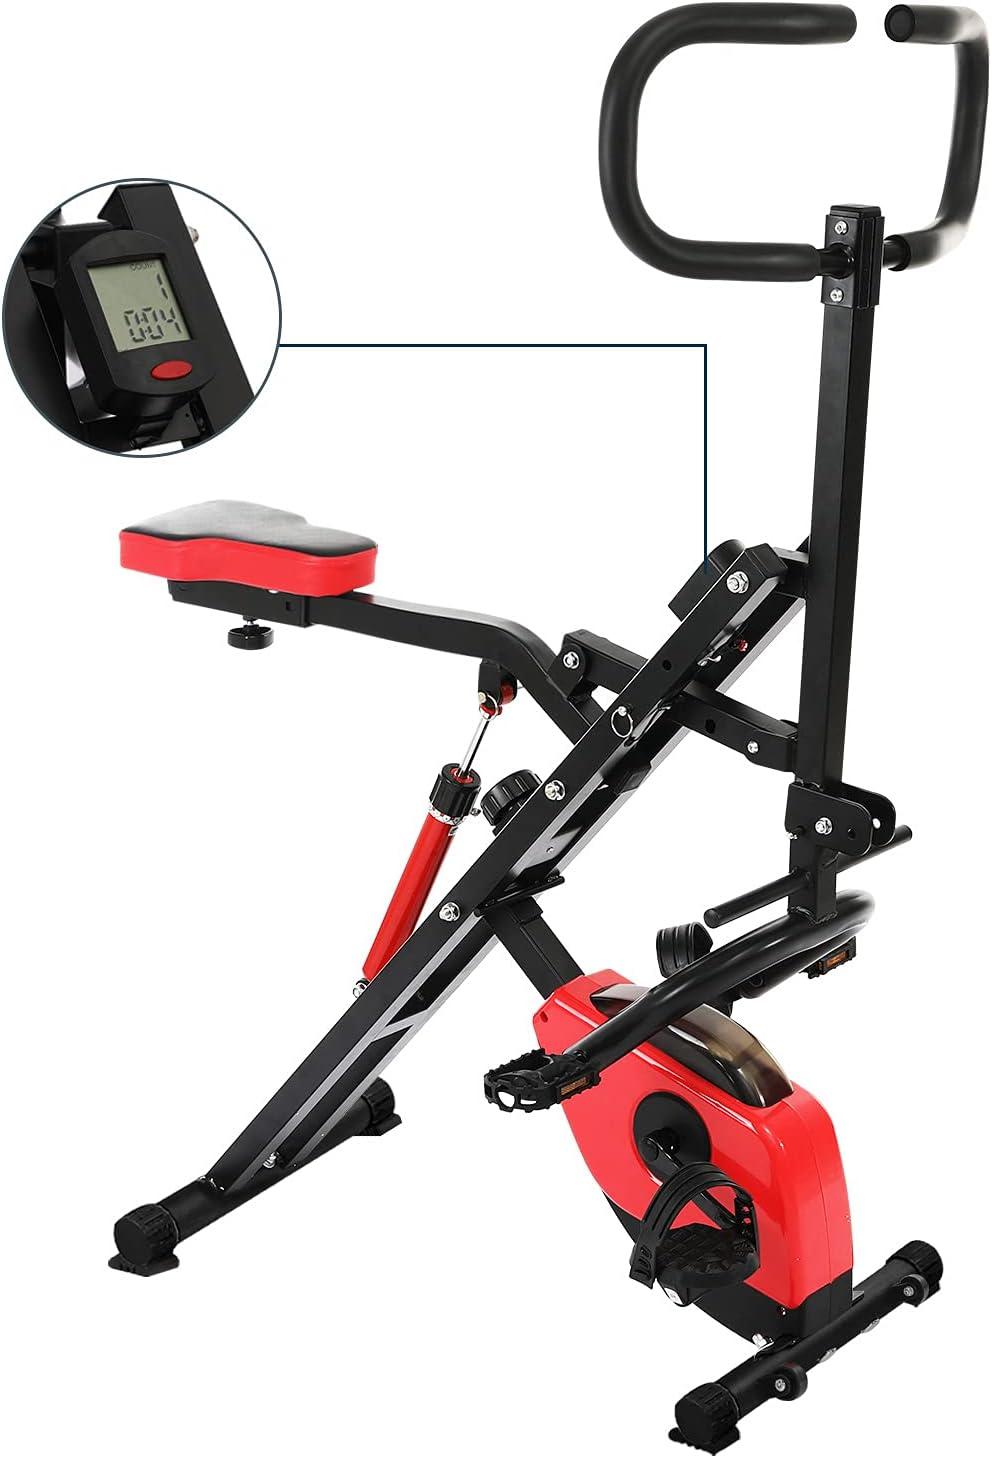 Femor Bicicleta Estática Plegable 2 en 1, Bicicleta de Fitness con Pantalla LCD, para Abdominales, Piernas, y Brazos